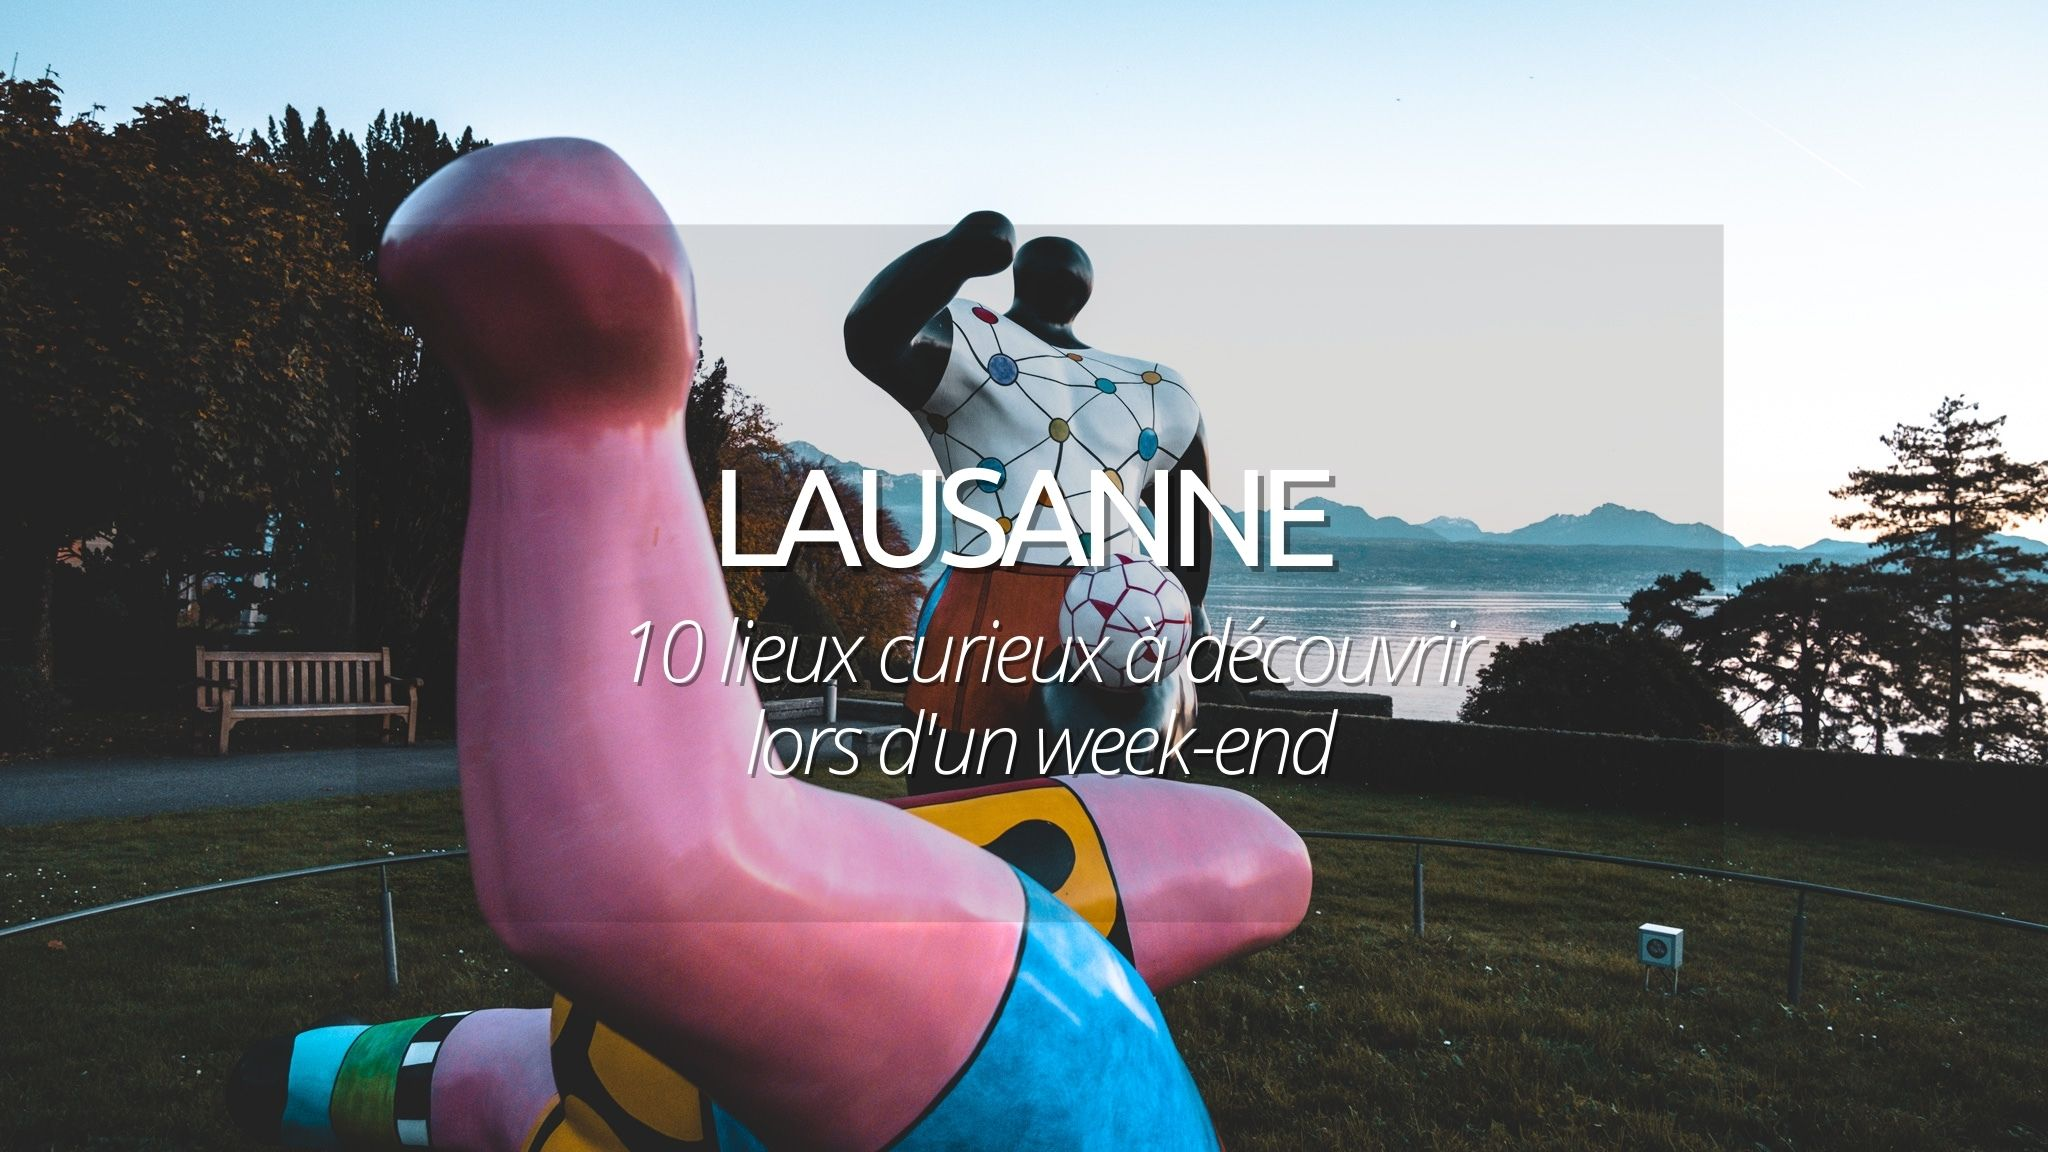 https://lesparesseuxcurieux.fr/destinations/visiter-lausanne-7-lieux-curieux-a-decouvrir/